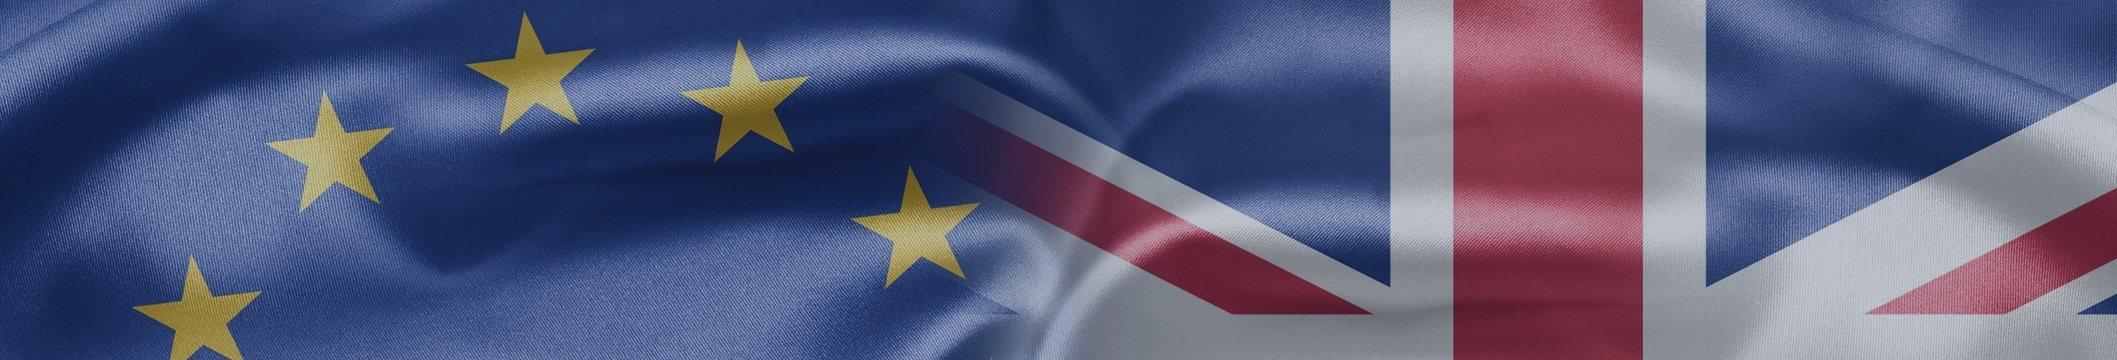 Более 600 британских экономистов выступили против выхода страны из ЕС